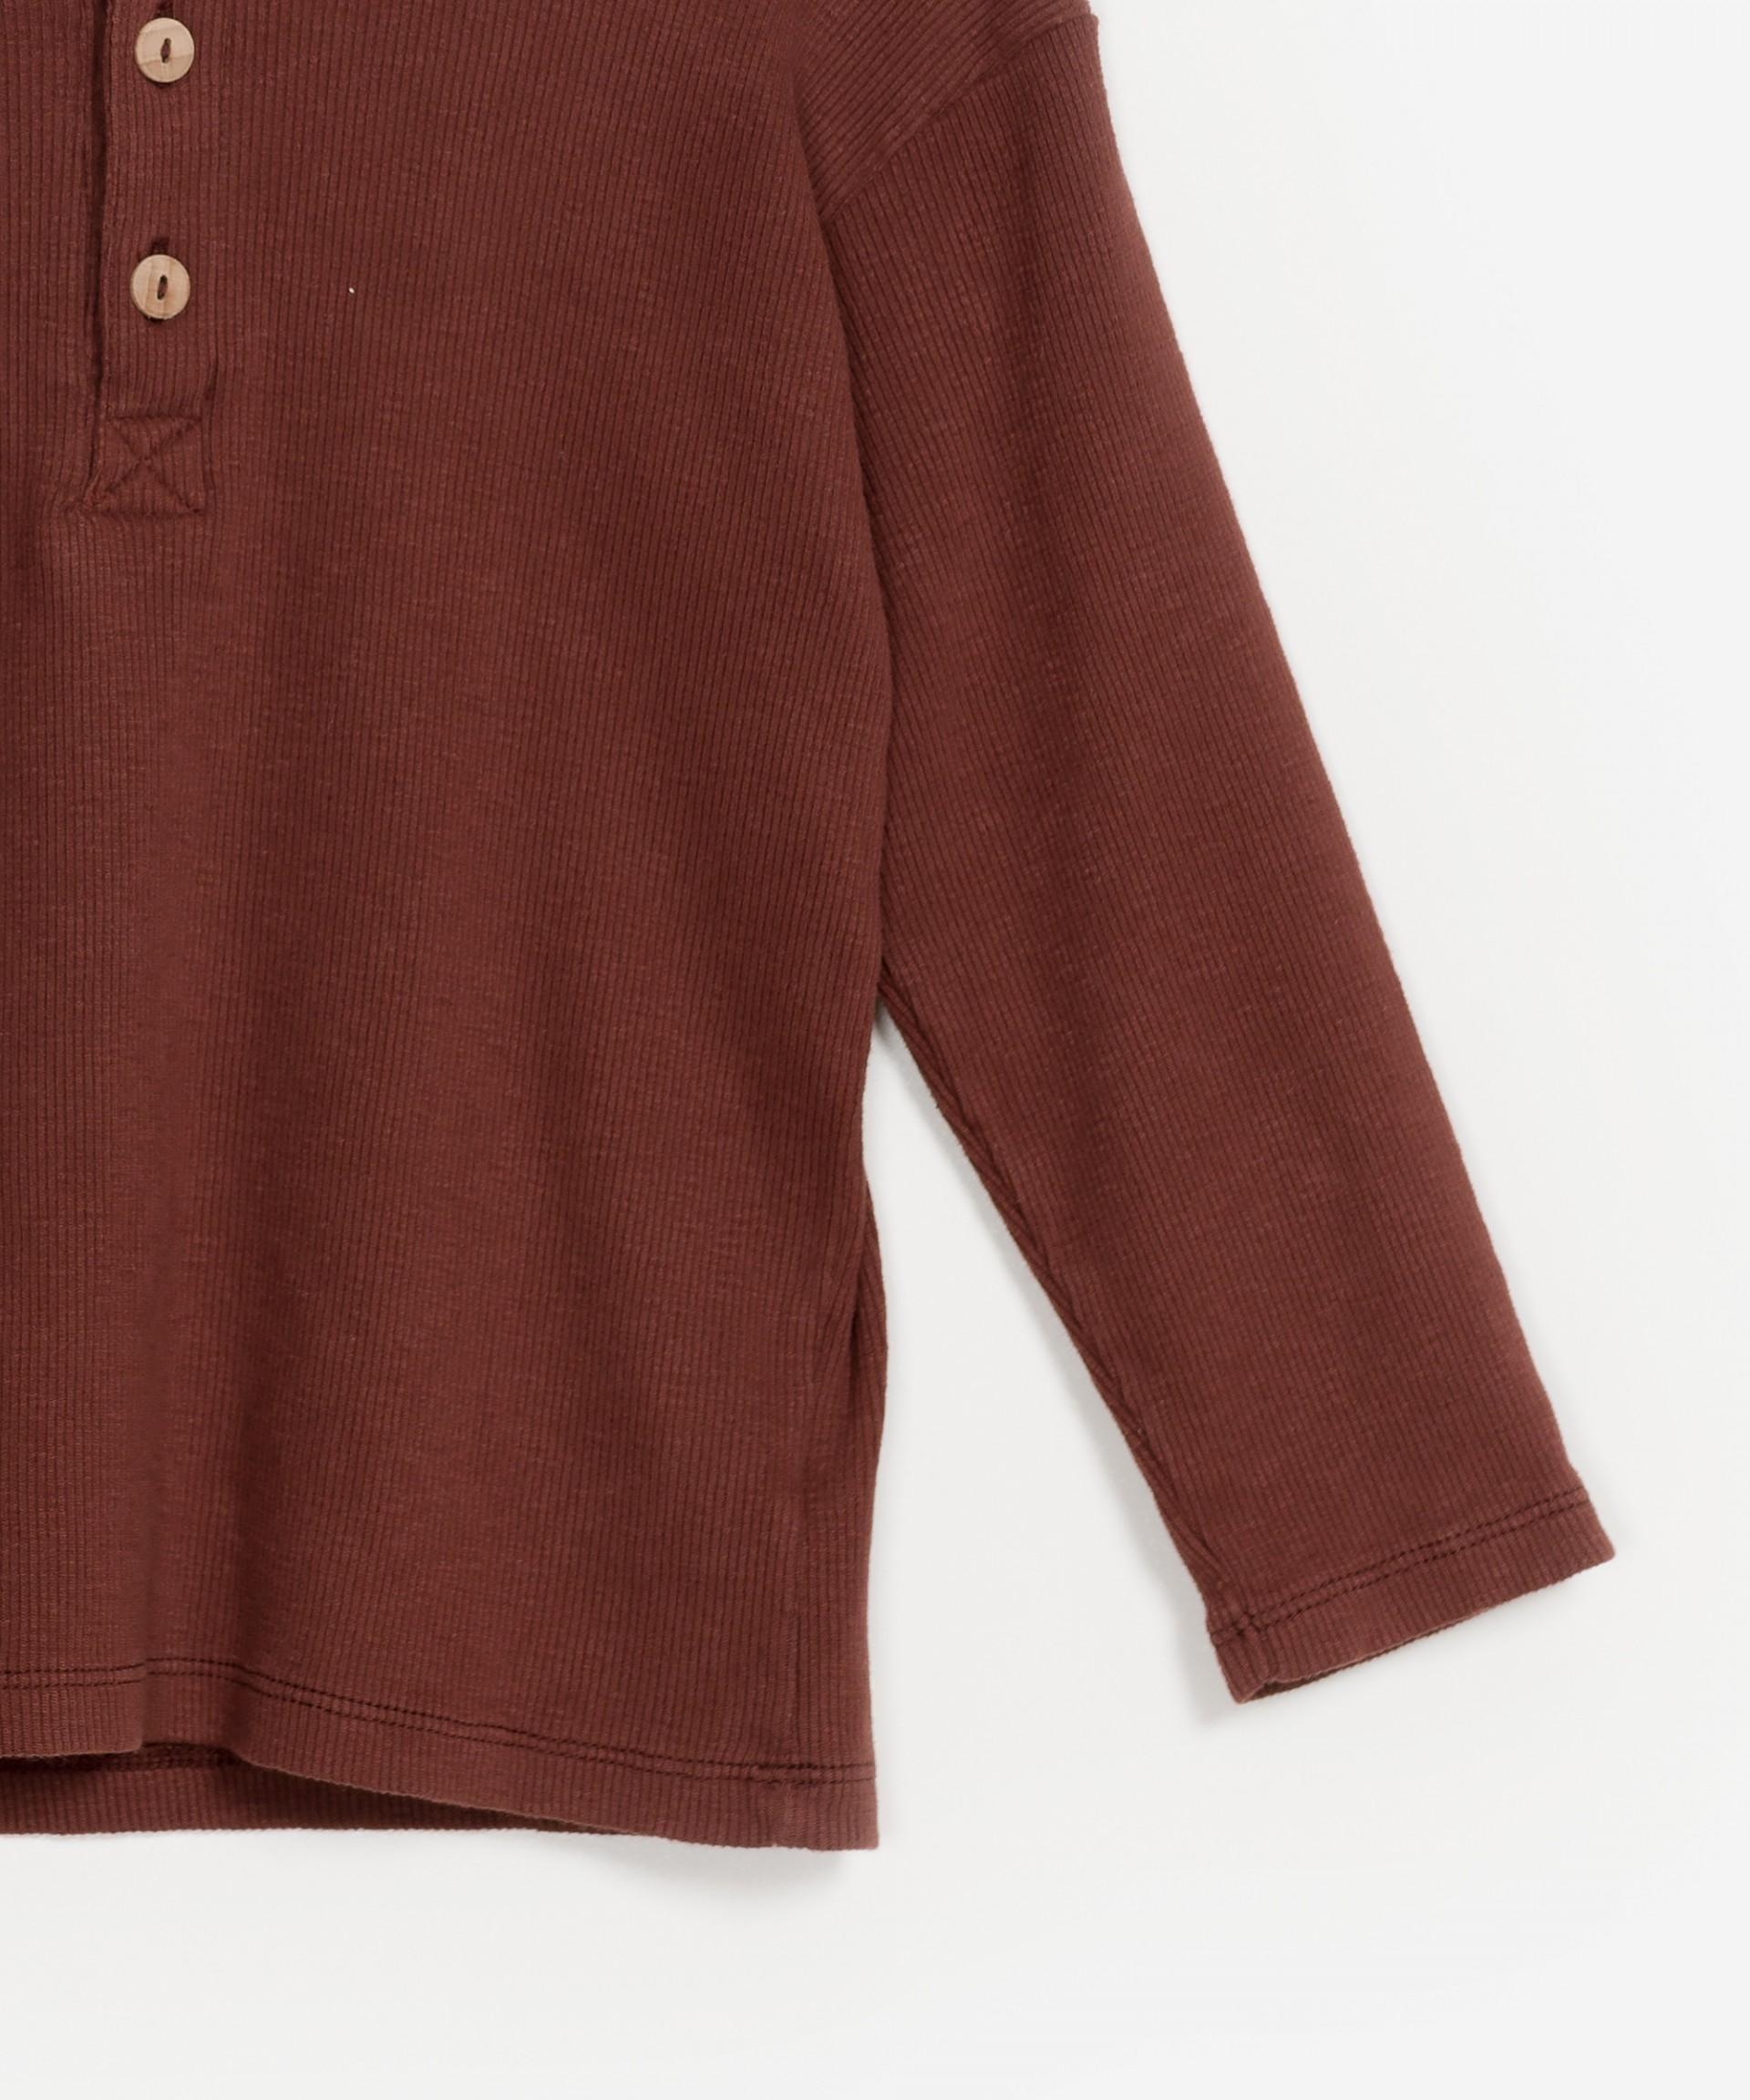 Flamé Rib LS T-shirt